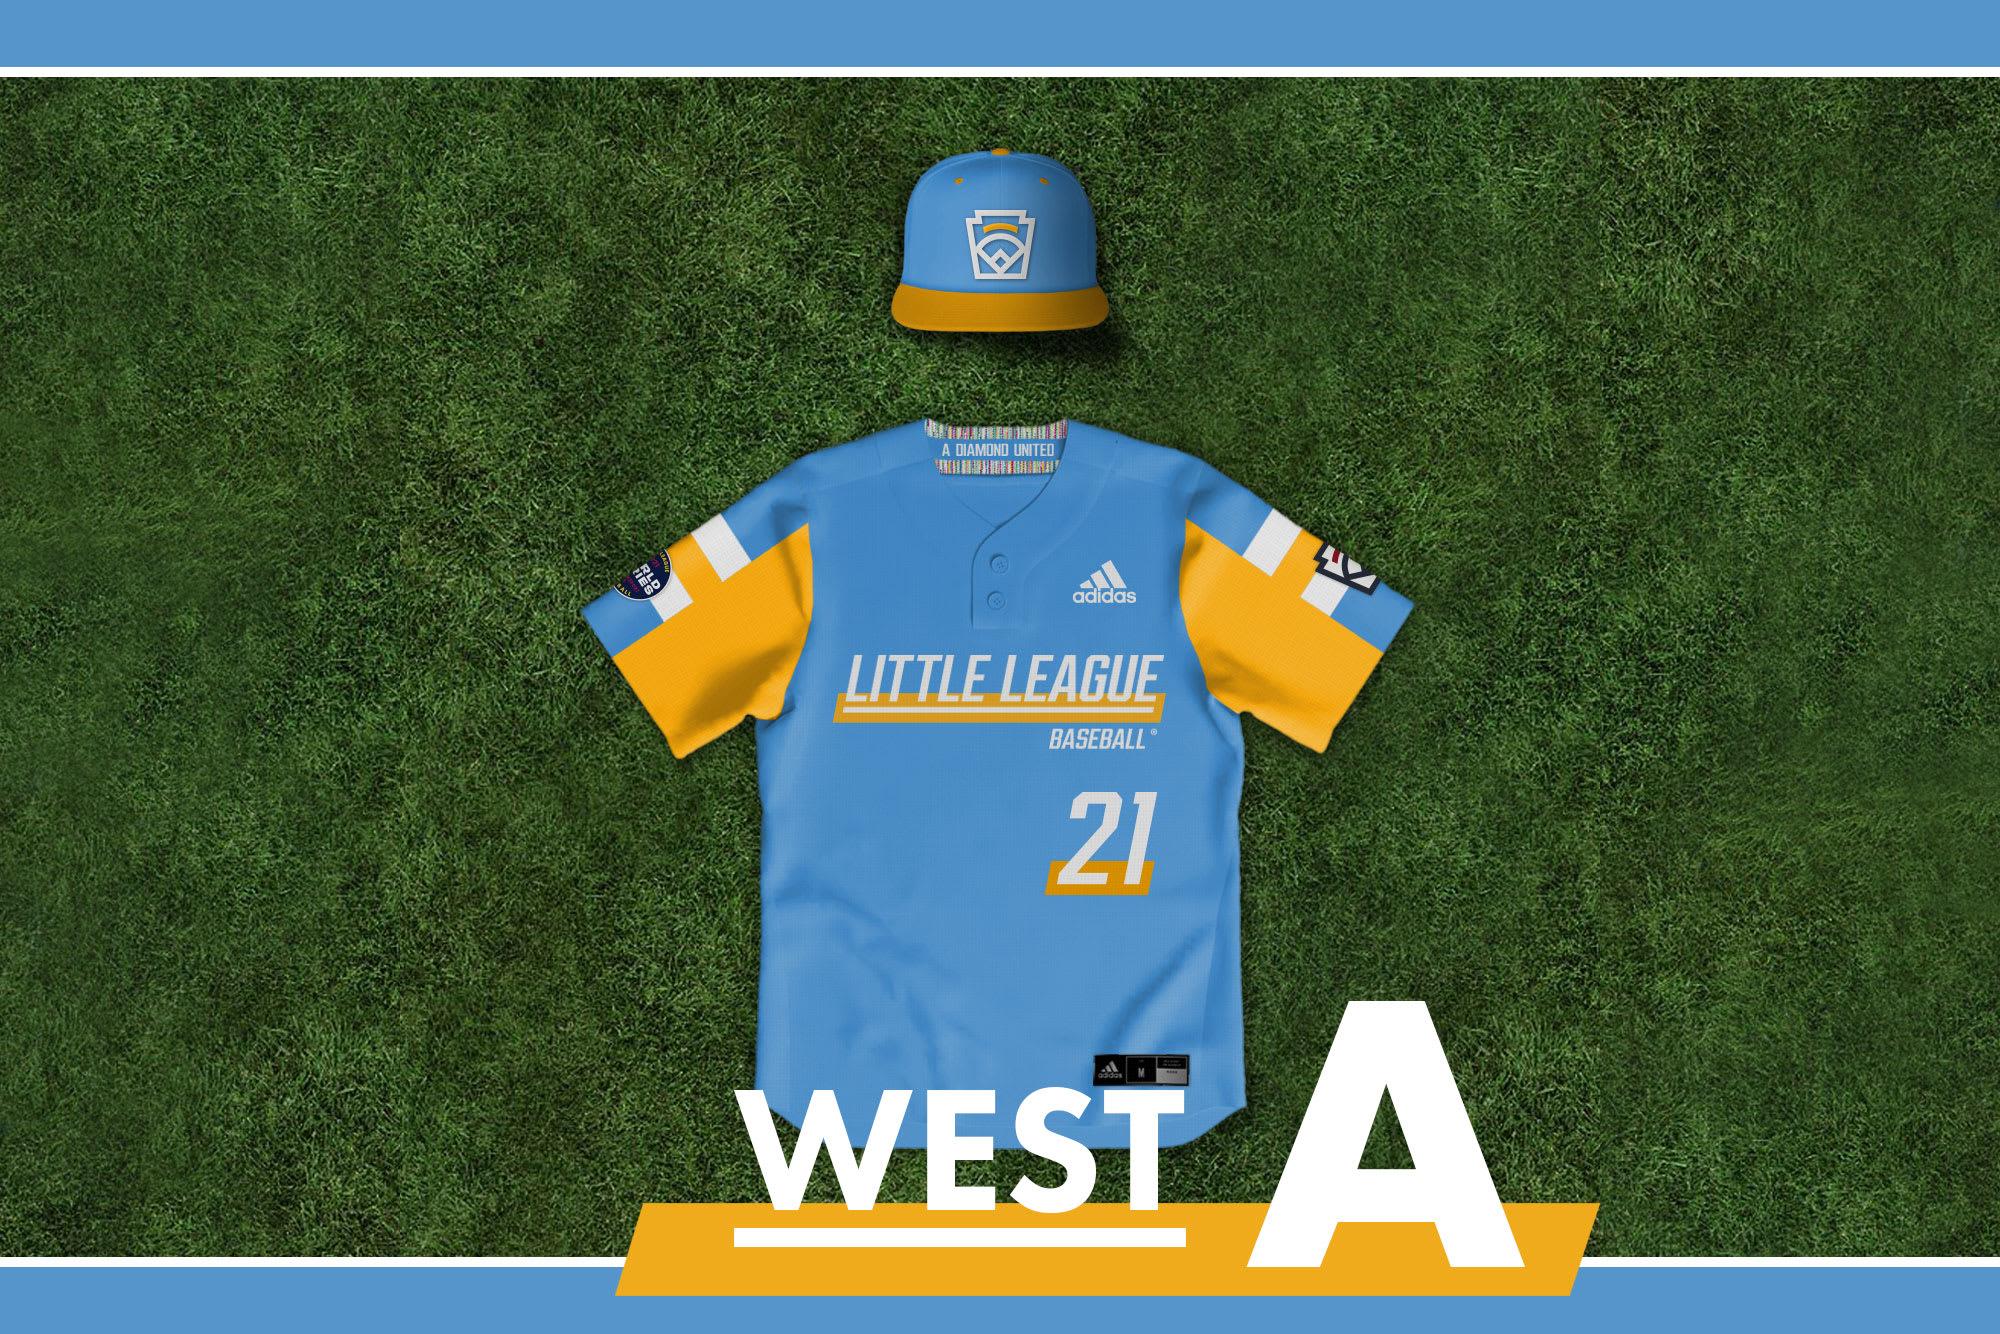 LLB West A uniform